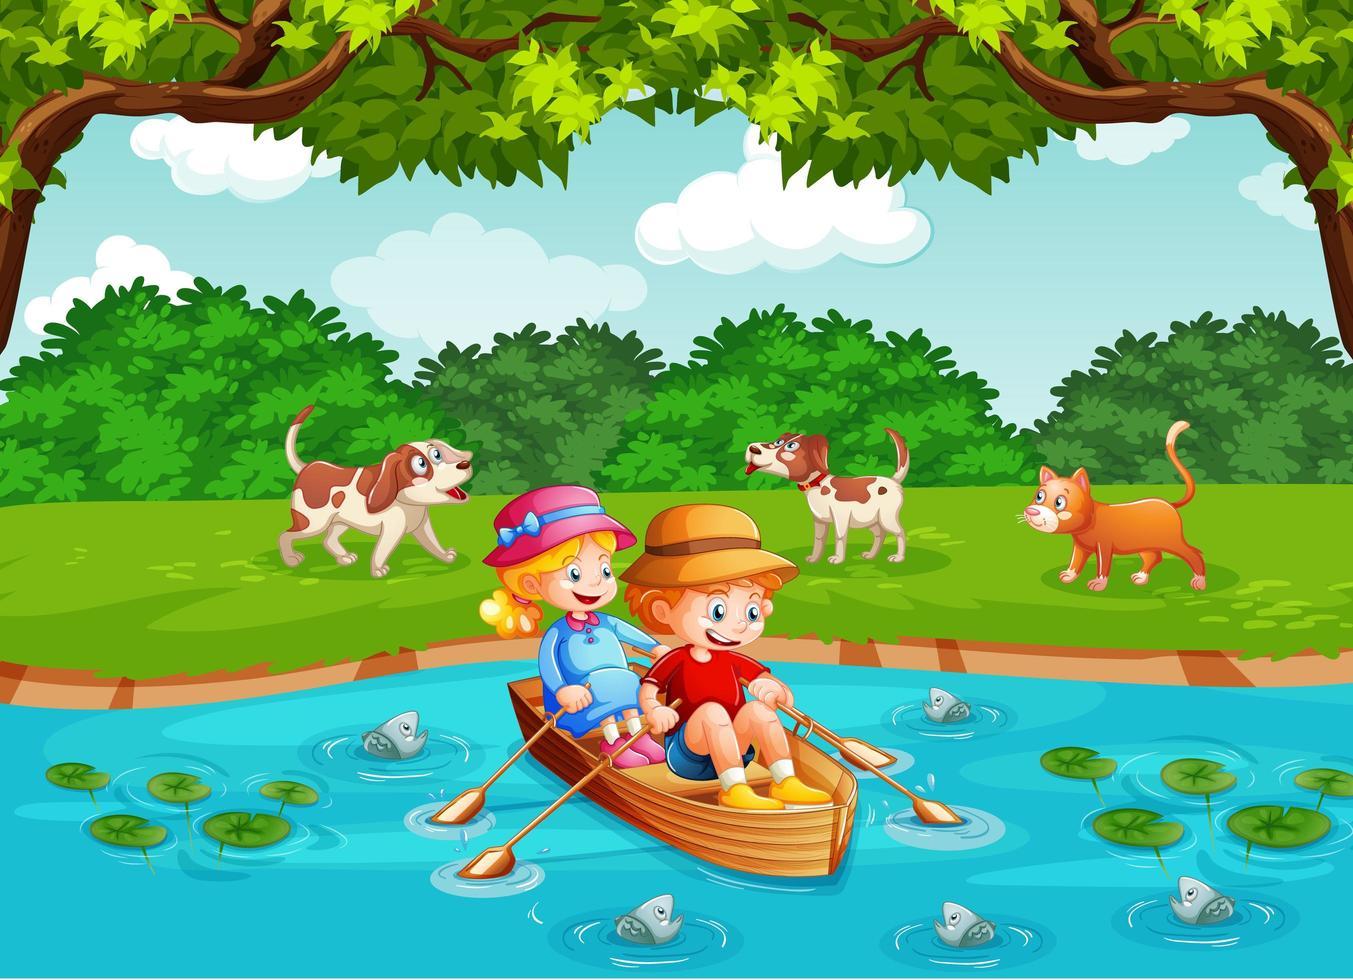 enfants rament le bateau dans le parc du ruisseau vecteur